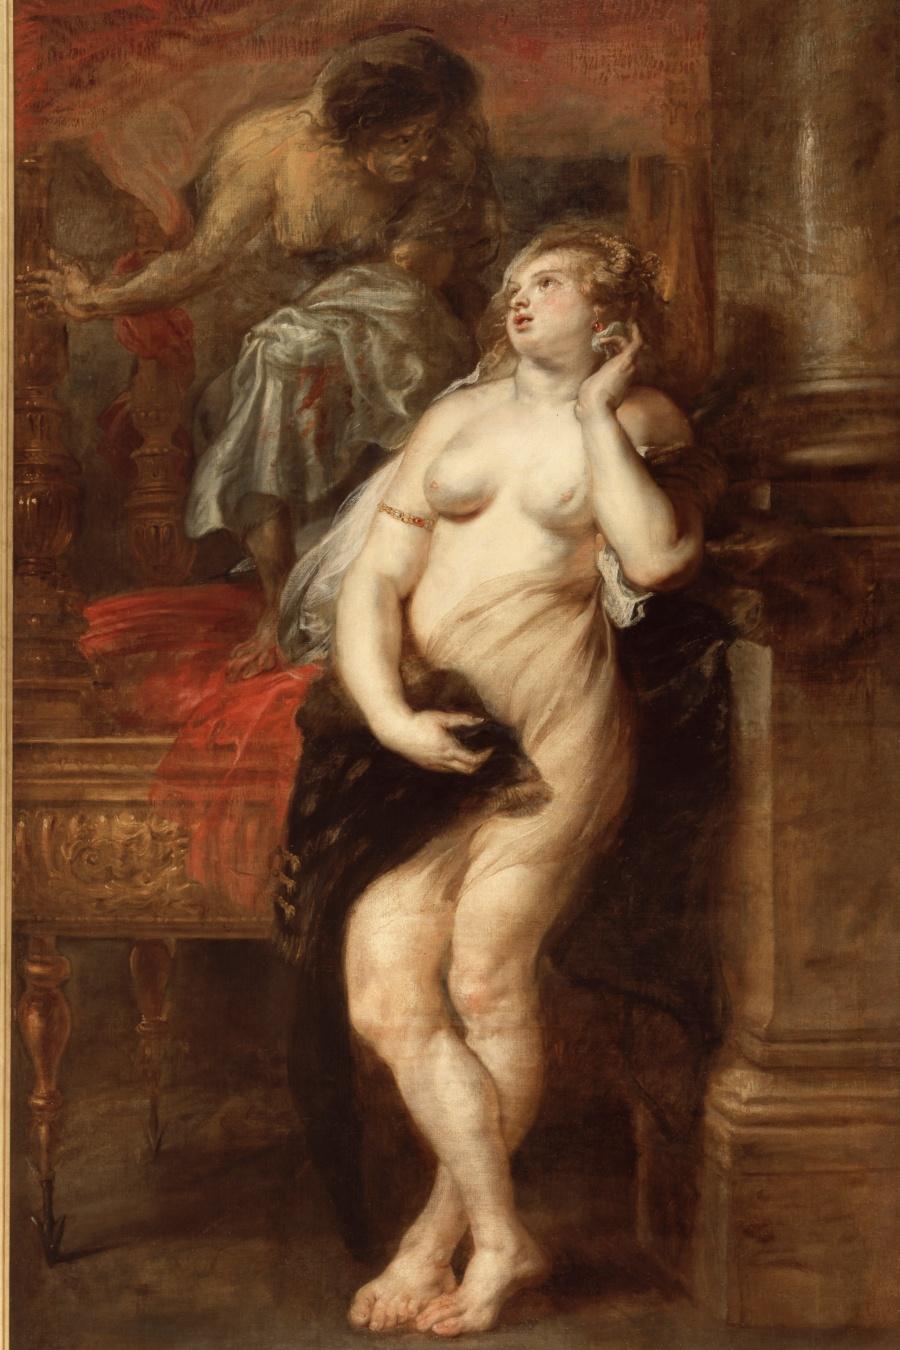 Los mitos de Rubens viajan a Sevilla. - LOFF.IT